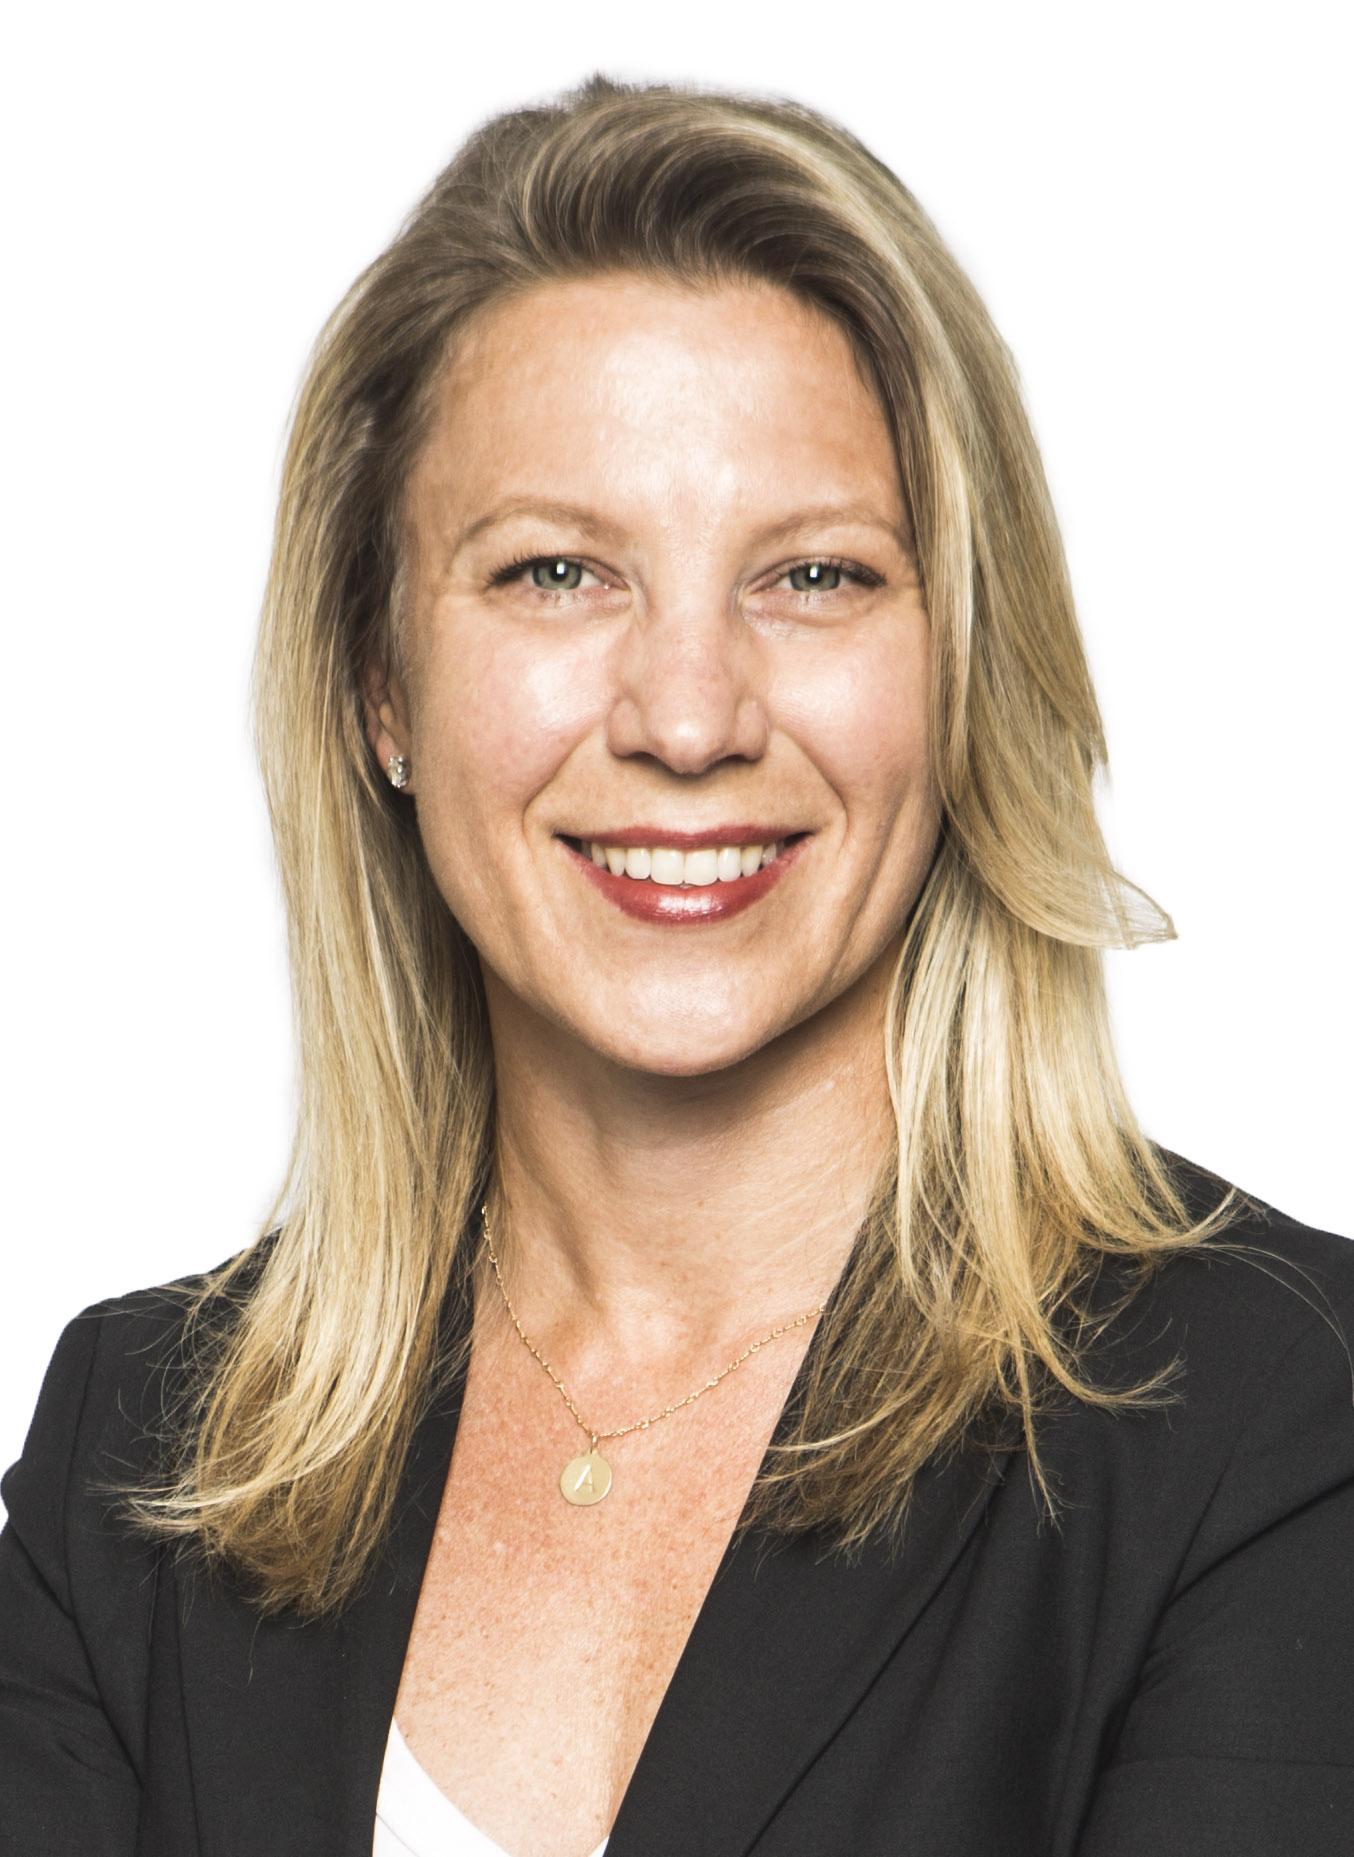 Beezer Clarkson, managing director at Sapphire Ventures